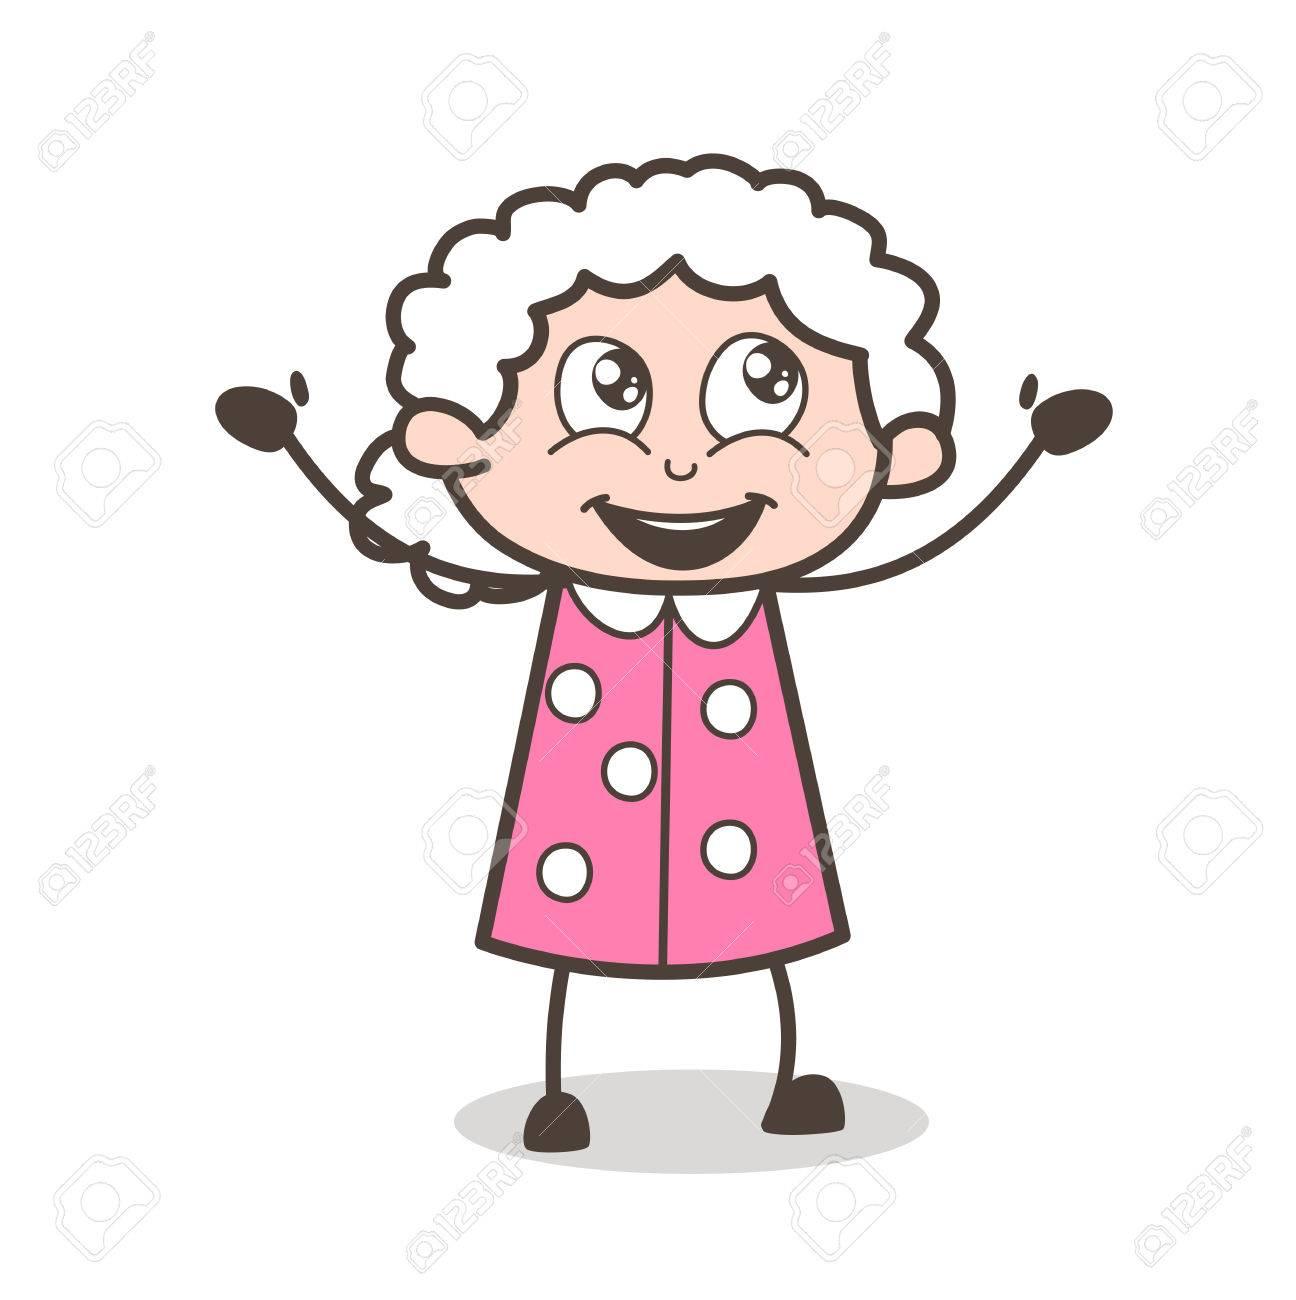 おばあちゃん イラスト